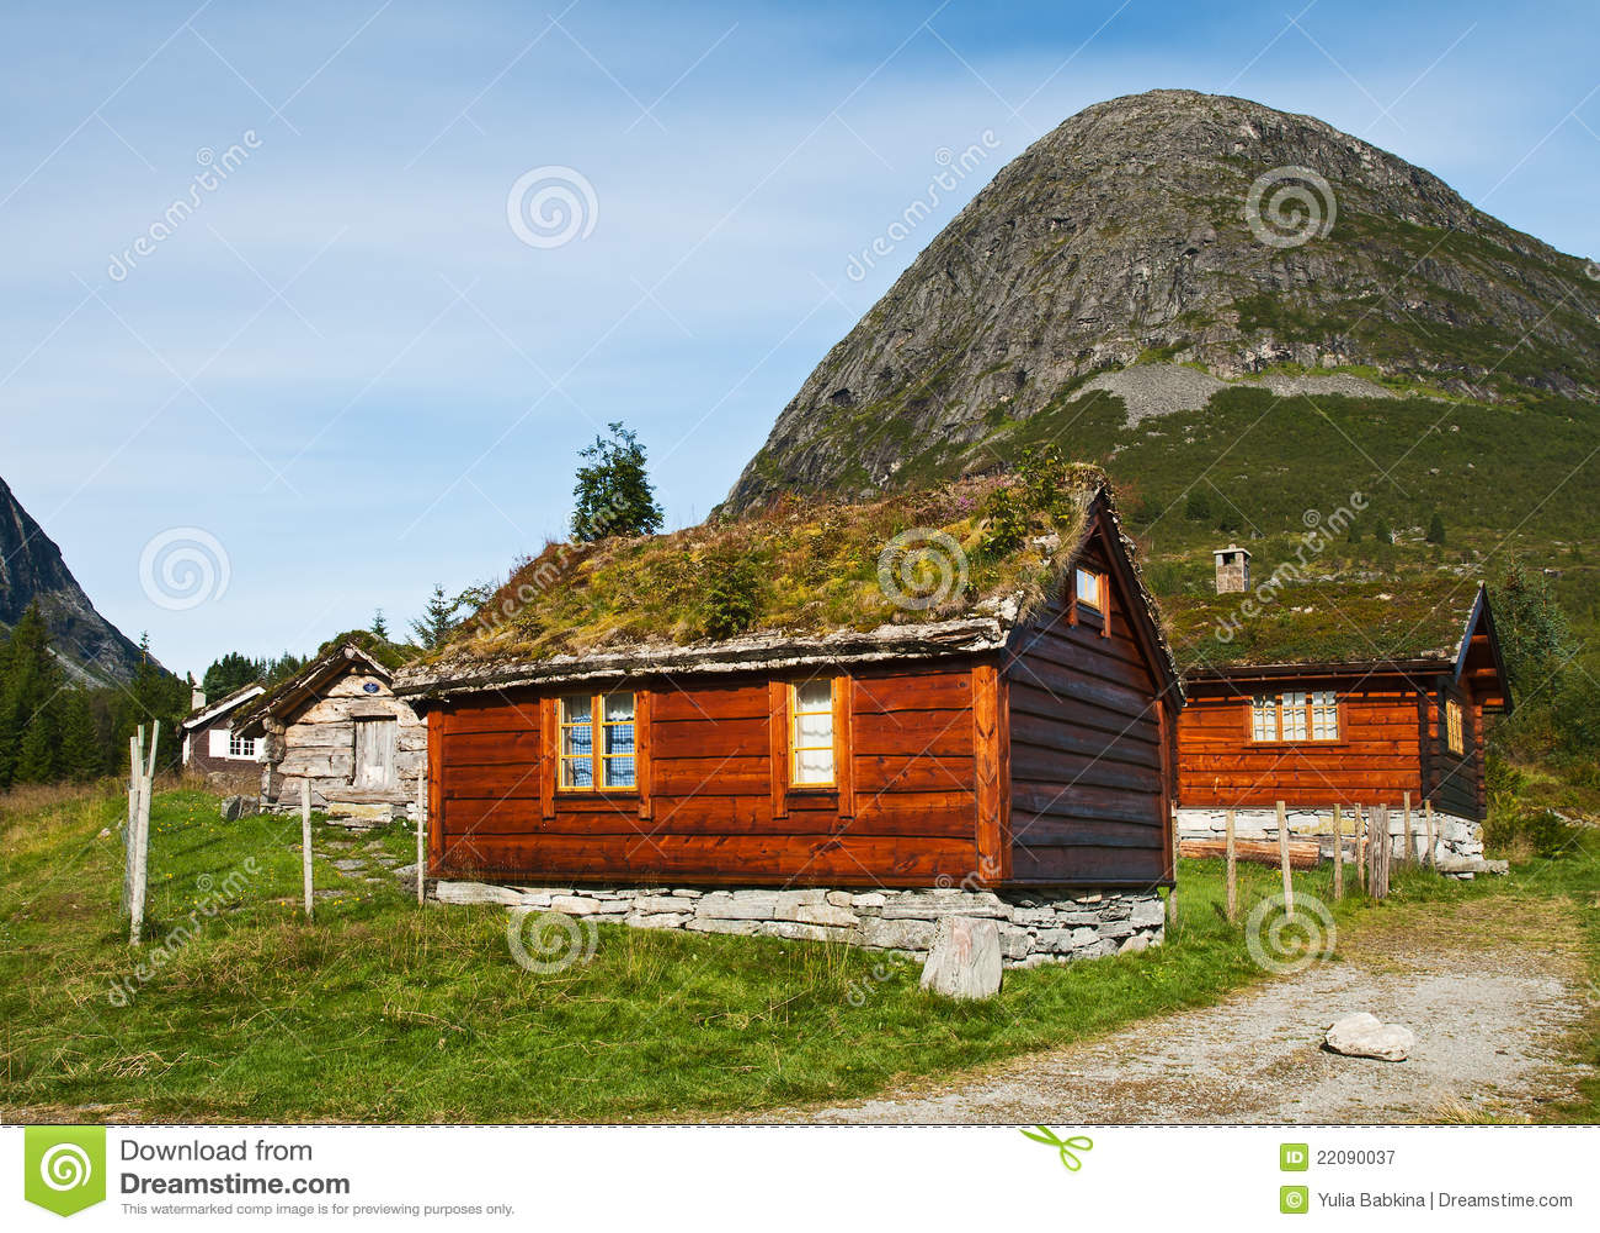 Piccole case al piede di una montagna immagine stock for Piccole planimetrie di piccole case